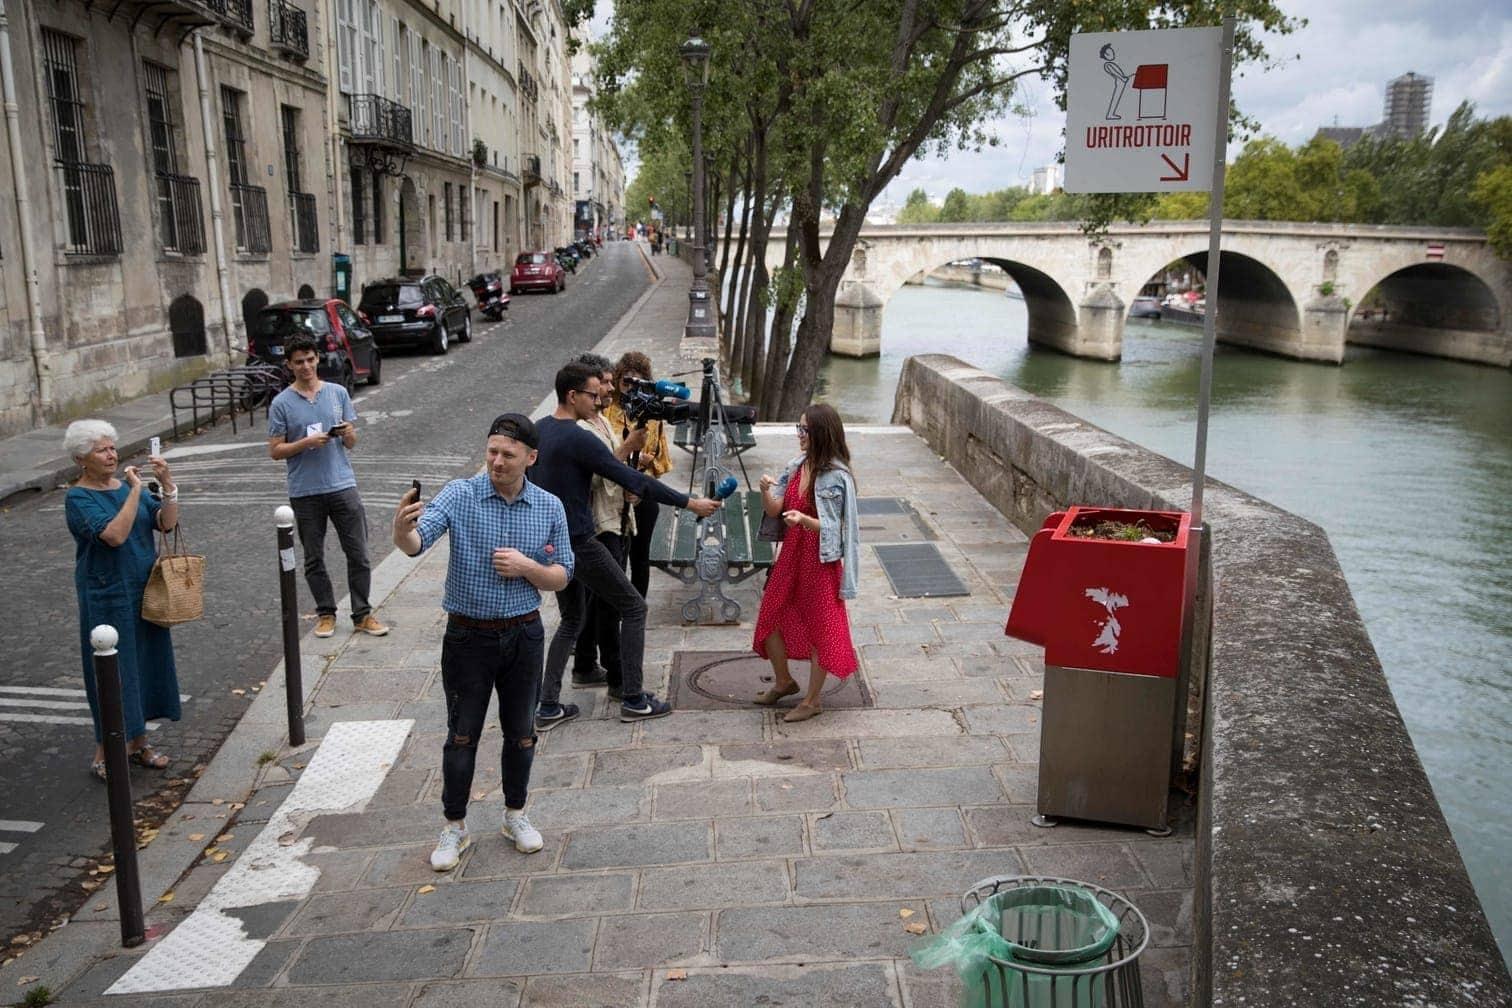 <p>Touristen (und auch Medien) scheinen dennoch Interesse an den Toiletten zu haben.</p> Foto: AFP